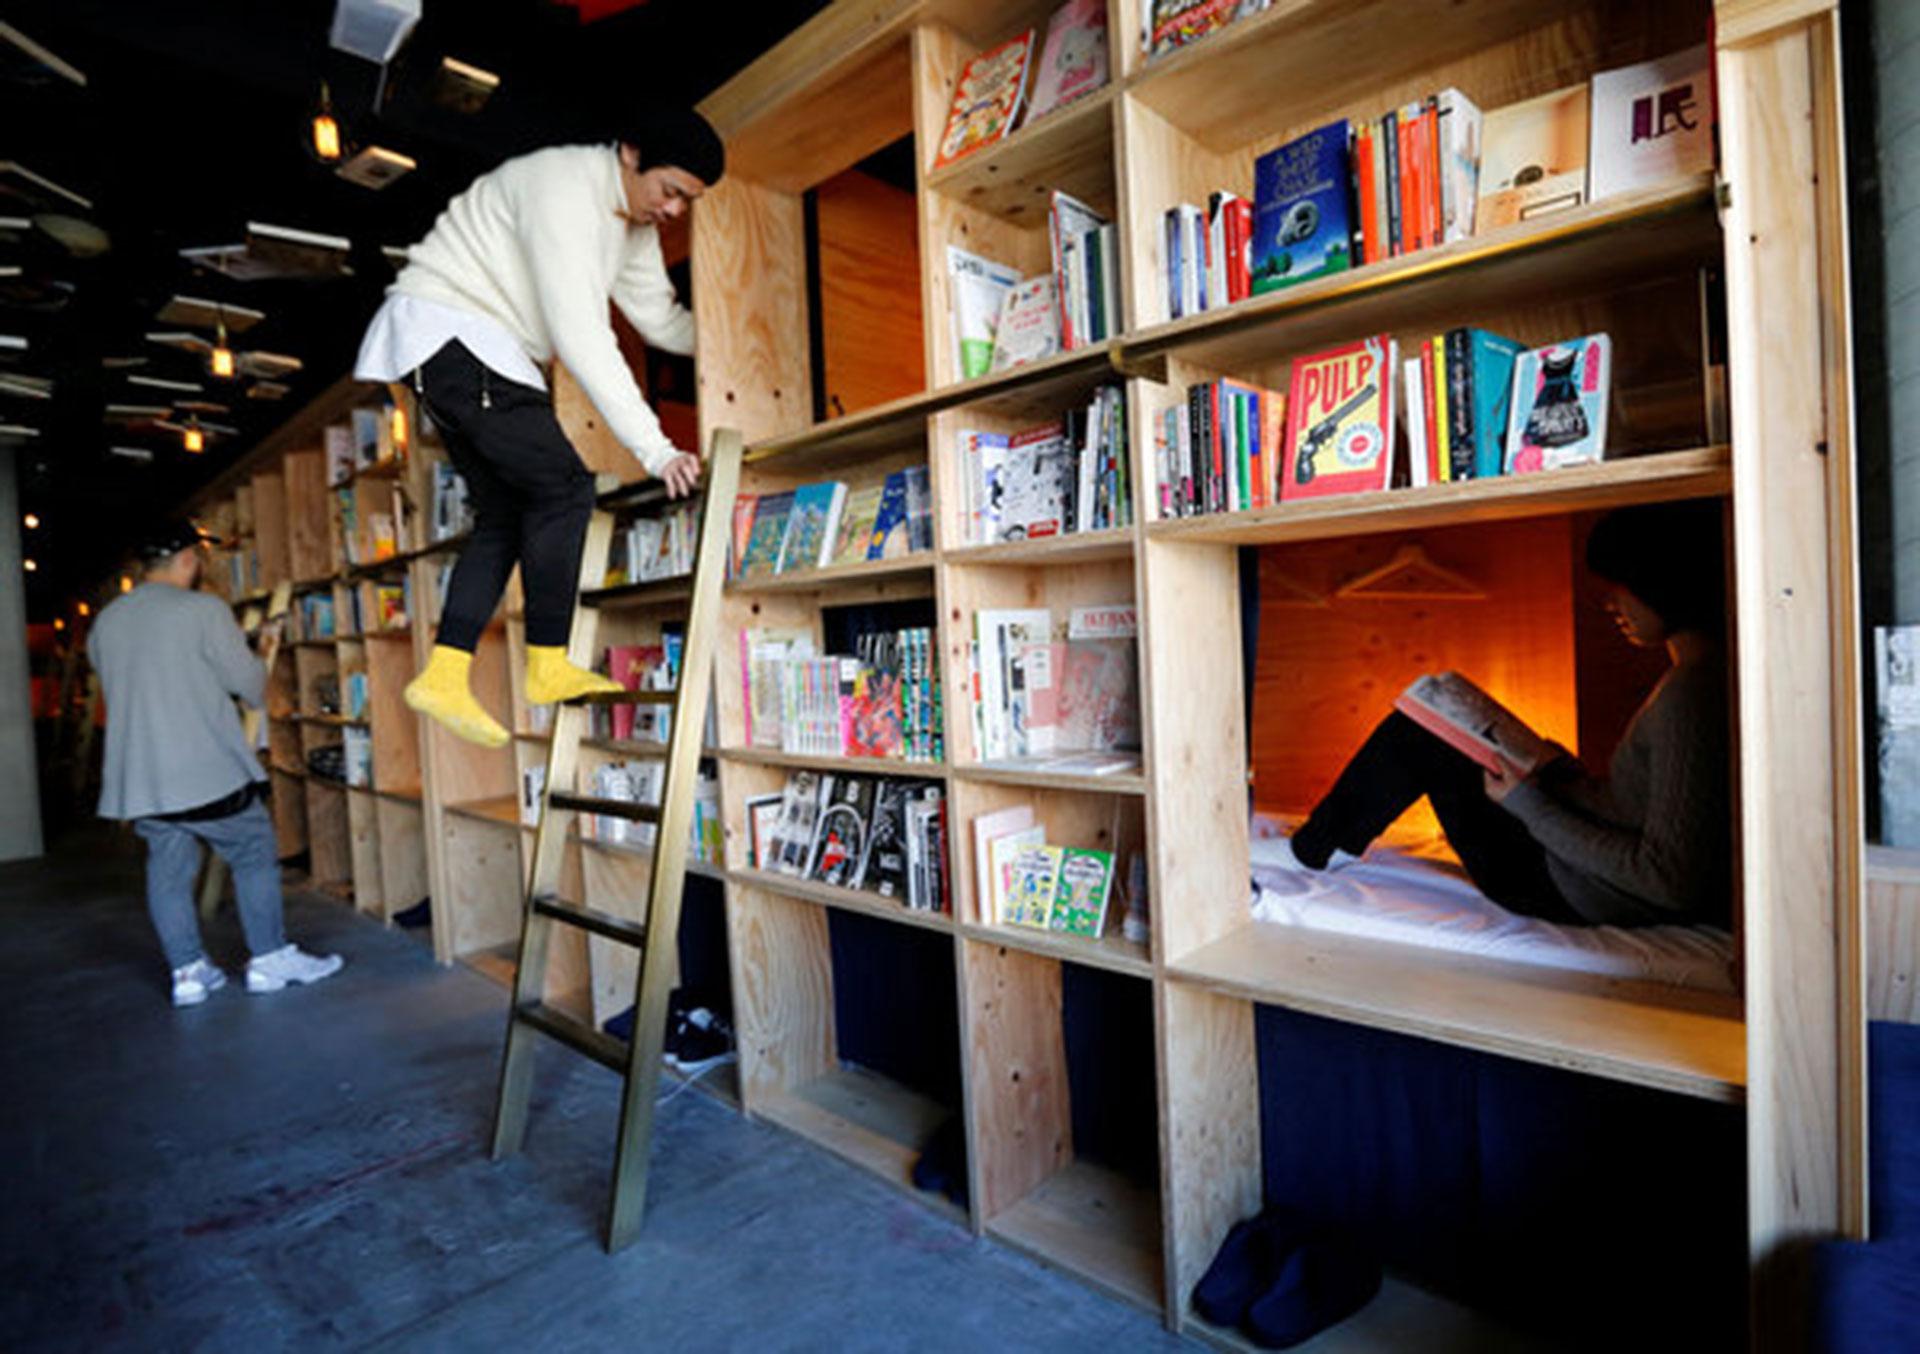 Book and Bed (Tokio, Japón). Es uno de los clásicos hoteles cápsula de Japón, pero tiene una enorme biblioteca de fachada (Reuters/ Toru Hanai)